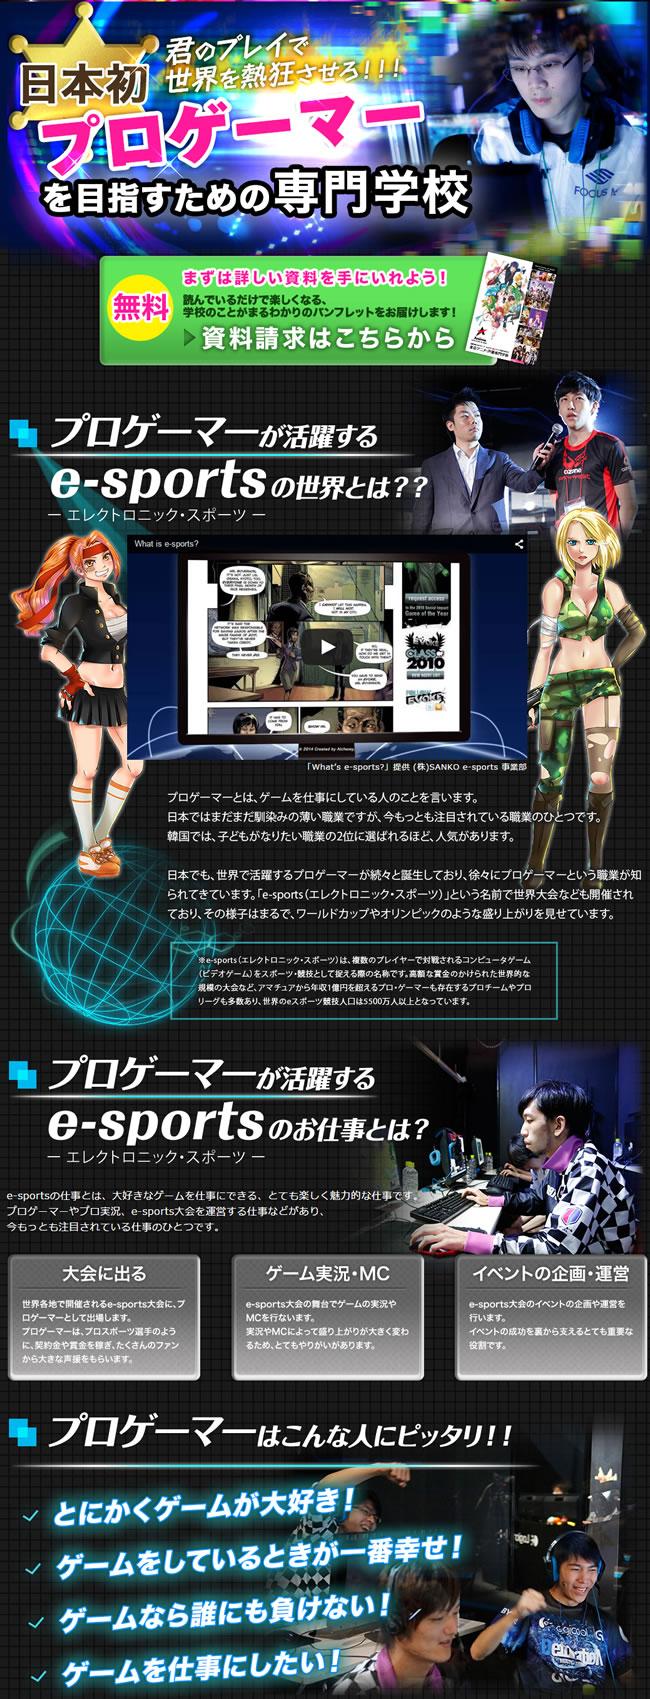 東京アニメ・e sports プロフェッショナルゲーマーワールド